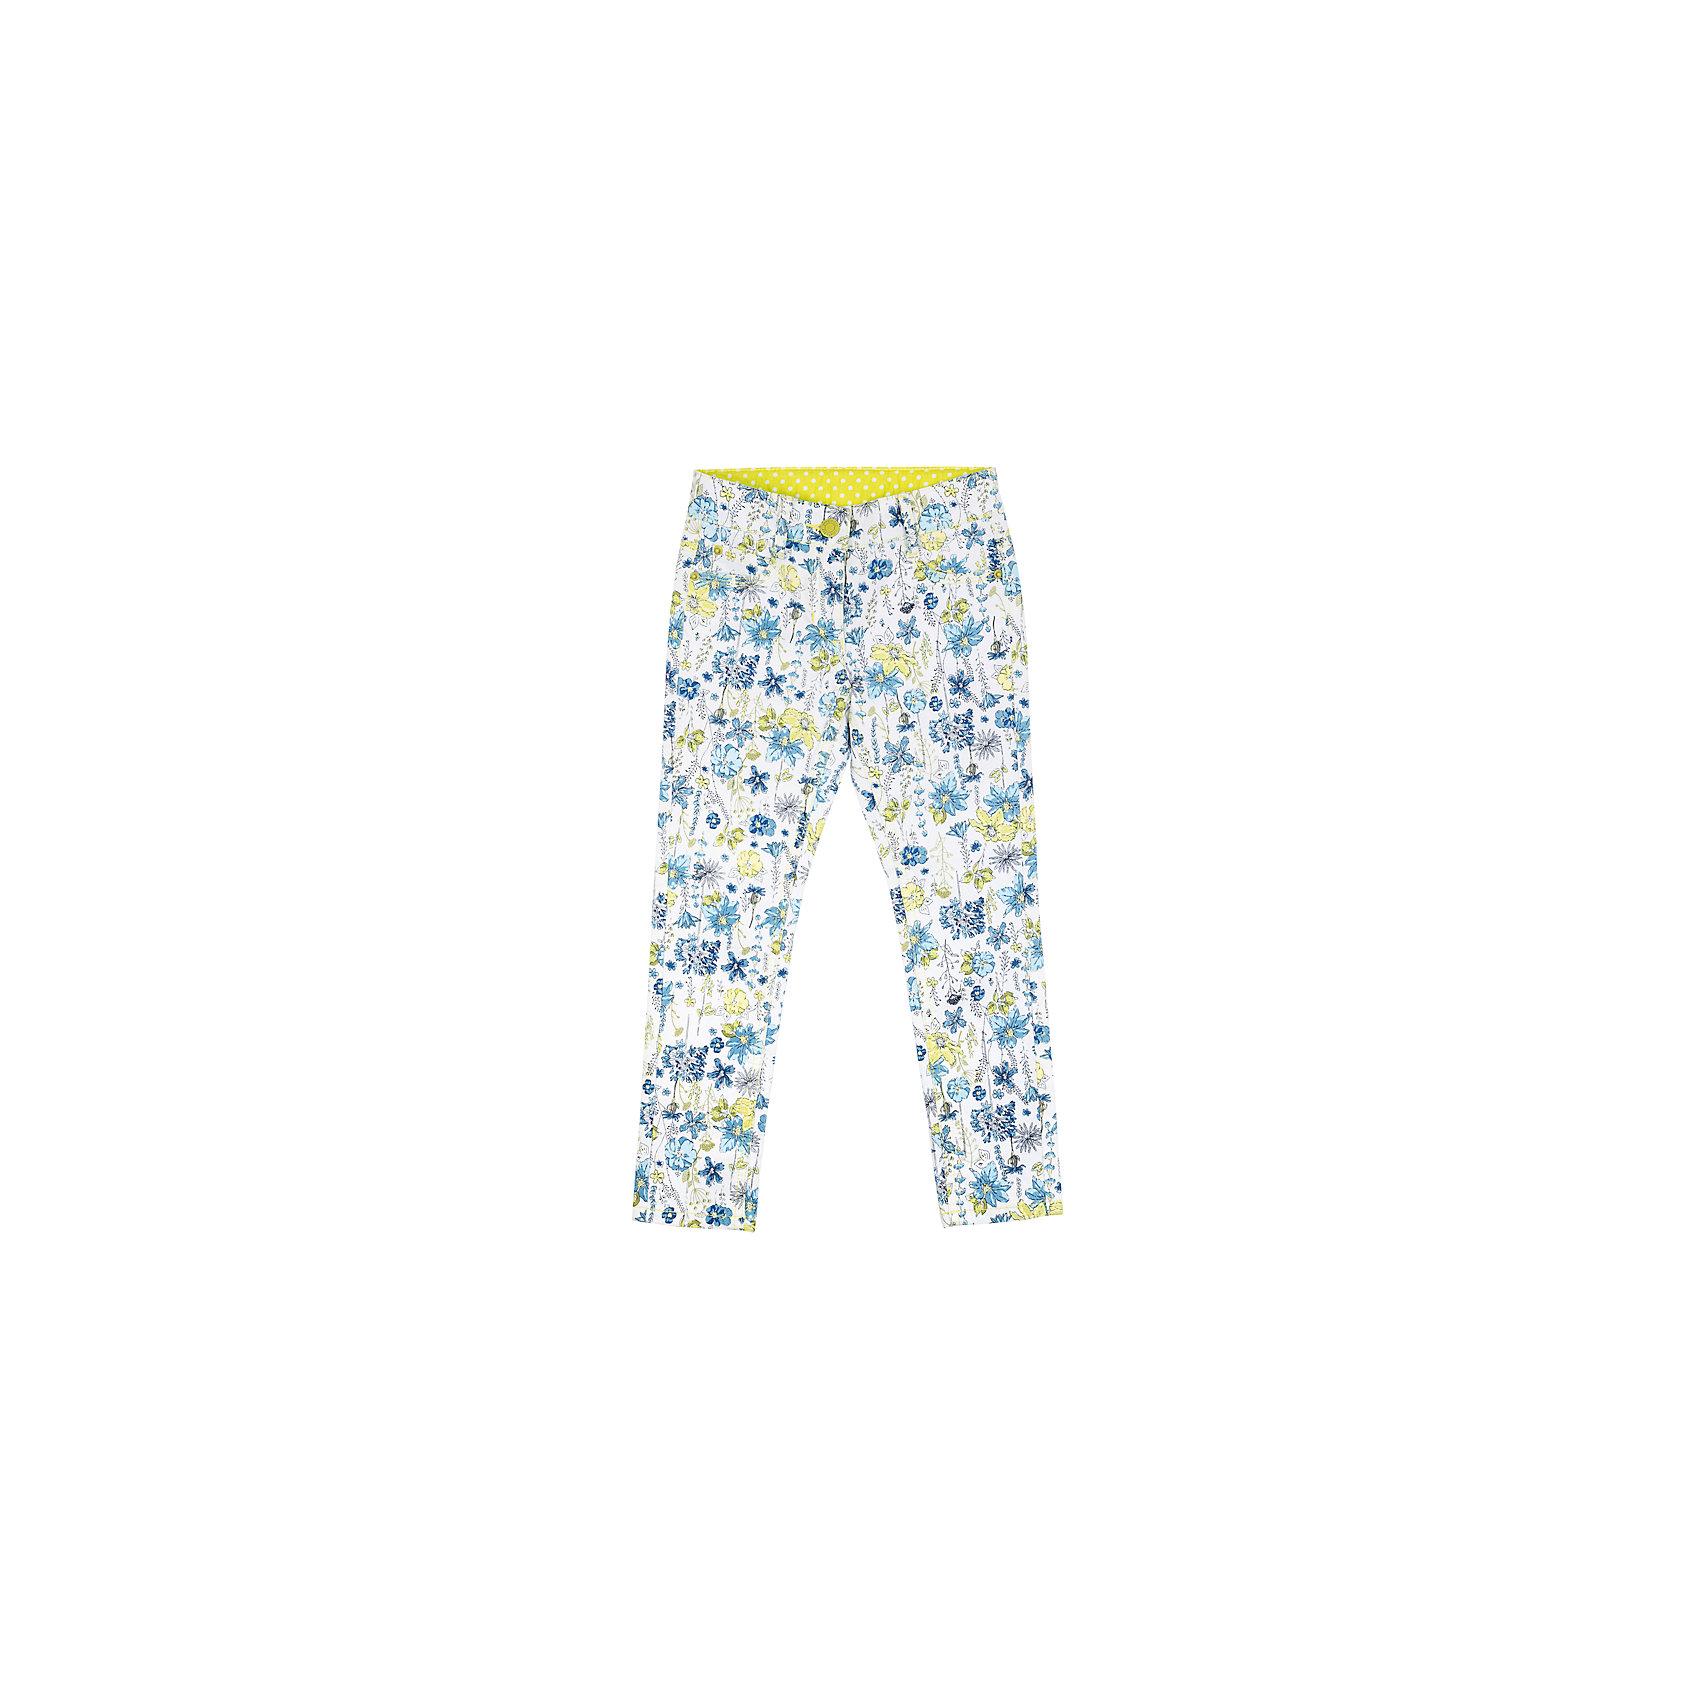 Брюки для девочки PlayTodayСицилия<br>Характеристики товара:<br><br>• цвет: разноцветный<br>• состав: 65% хлопок, 32% полиэстер, 3% эластан<br>• качественный материал<br>• принт<br>• карманы <br>• шлевки<br>• комфортная посадка<br>• коллекция: весна-лето 2017<br>• страна бренда: Германия<br>• страна производства: Китай<br><br>Популярный бренд PlayToday выпустил новую коллекцию! Вещи из неё продолжают радовать покупателей удобством, стильным дизайном и продуманным кроем. Дети носят их с удовольствием. PlayToday - это линейка товаров, созданная специально для детей. Дизайнеры учитывают новые веяния моды и потребности детей. Порадуйте ребенка обновкой от проверенного производителя!<br>Эта модель обеспечит ребенку комфорт благодаря качественному материалу и удобному крою. С её помощью можно сделать интересный акцент в образе, дополнить наряд и одеться по погоде. Очень модная вещь! Выглядит стильно и аккуратно.<br><br>Брюки для девочки от известного бренда Scool можно купить в нашем интернет-магазине.<br><br>Ширина мм: 215<br>Глубина мм: 88<br>Высота мм: 191<br>Вес г: 336<br>Цвет: белый<br>Возраст от месяцев: 24<br>Возраст до месяцев: 36<br>Пол: Женский<br>Возраст: Детский<br>Размер: 98,128,122,116,110,104<br>SKU: 5404265